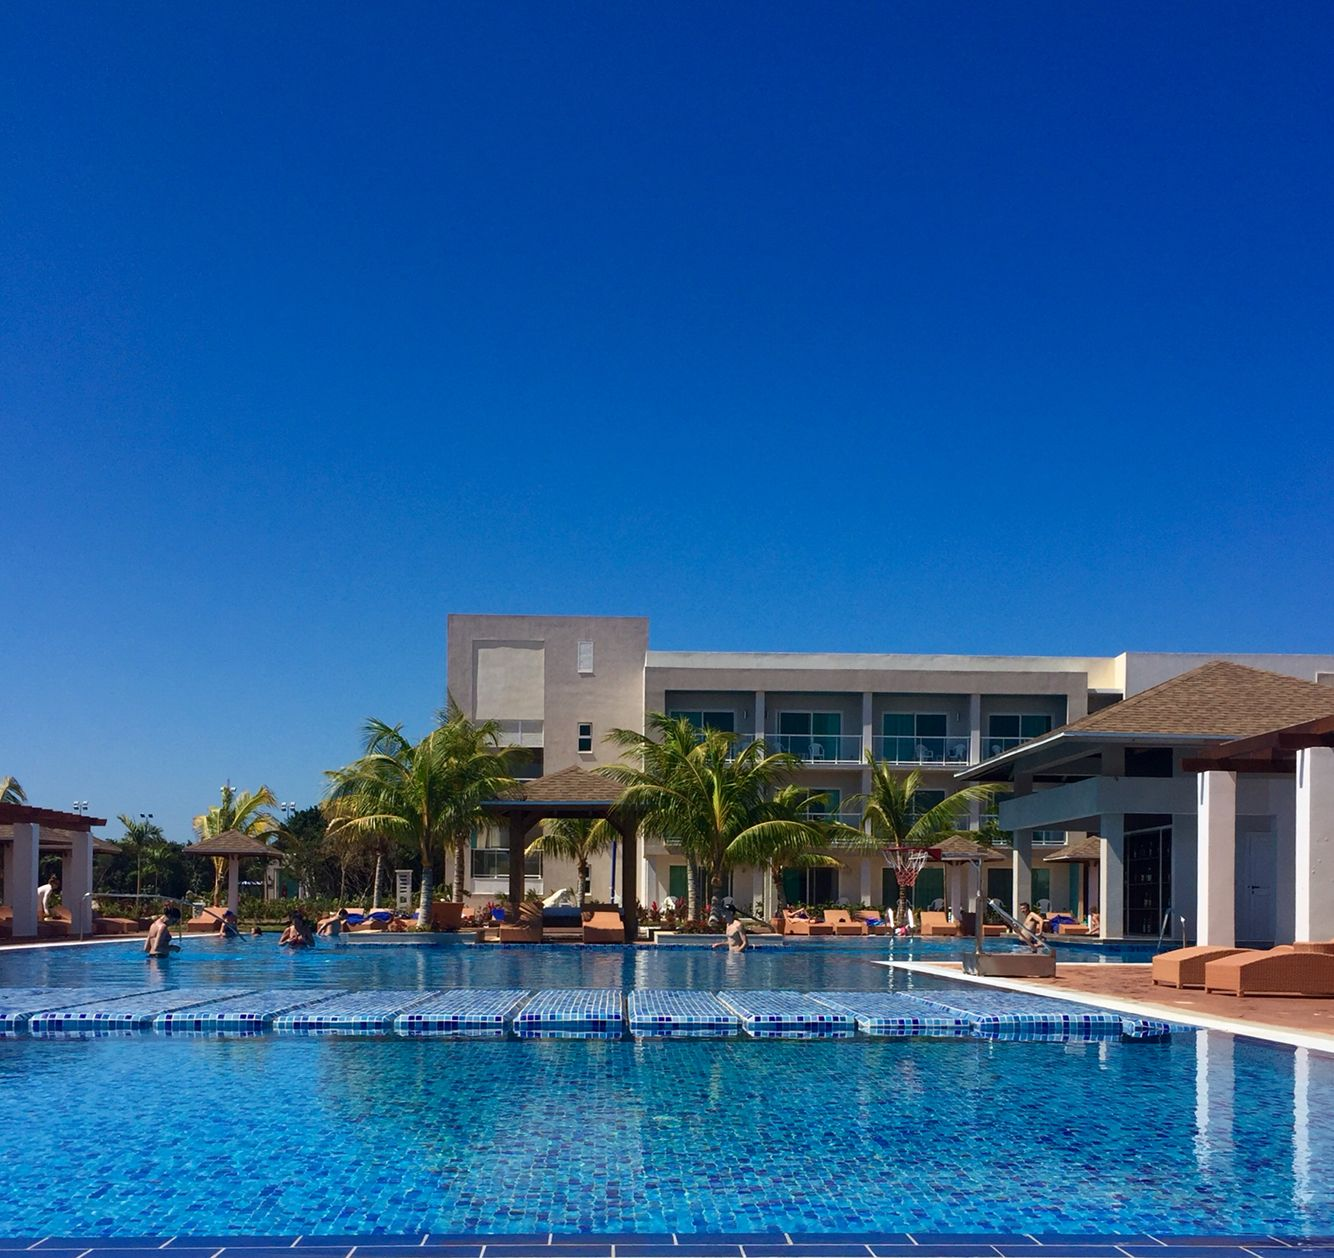 Ocean Casa Del Mar Hotel Cayo Santa Maria Cuba Cuba Vacation Cayo Santa Maria Dream Vacations